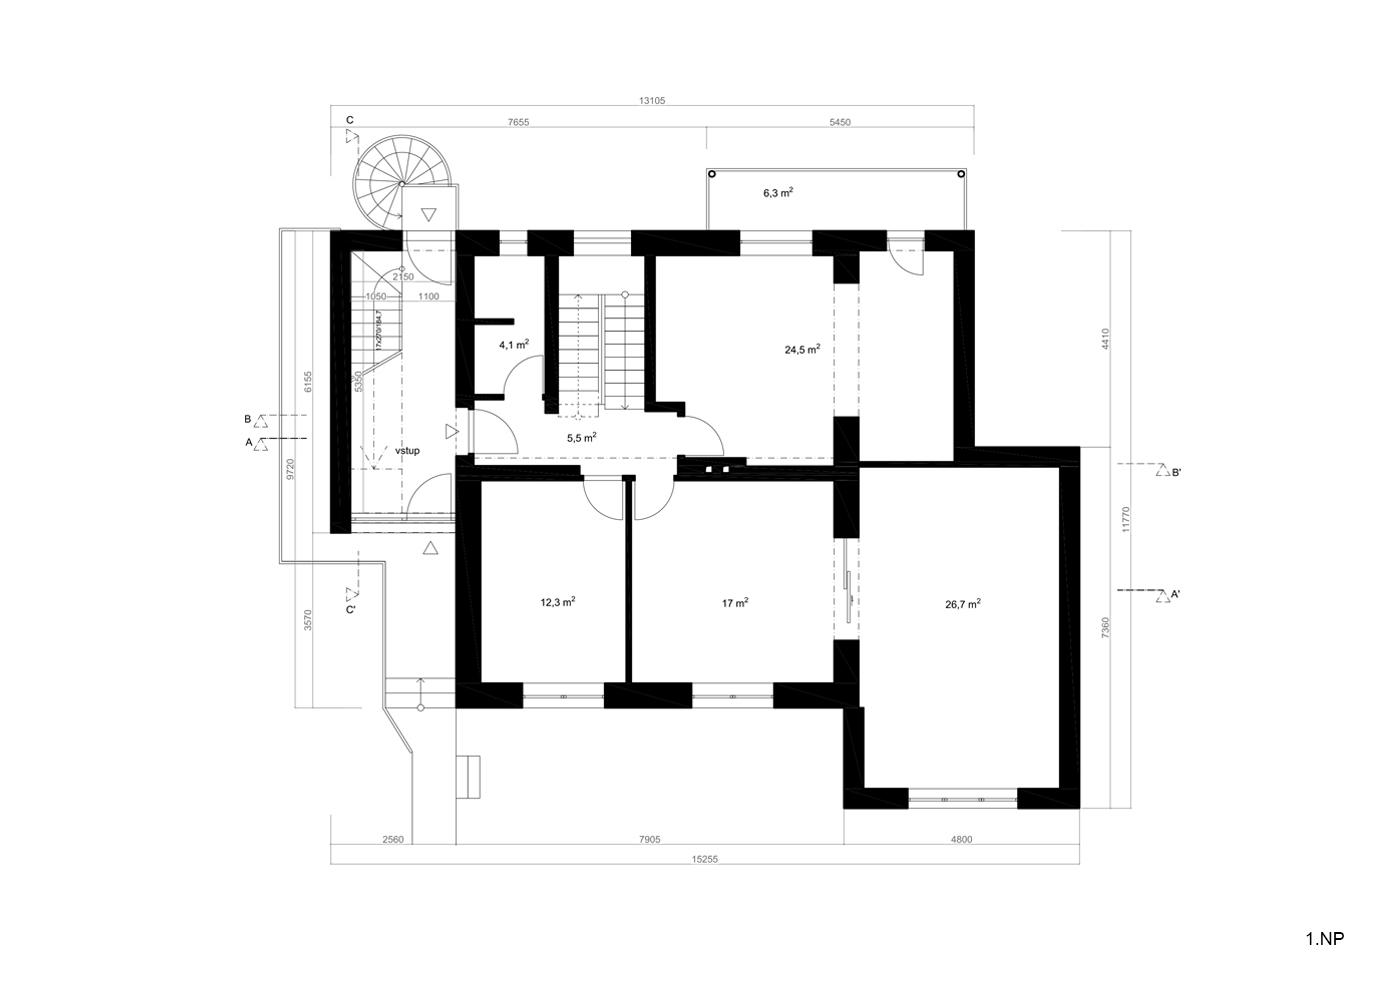 noiz-architekti-cervenova-07